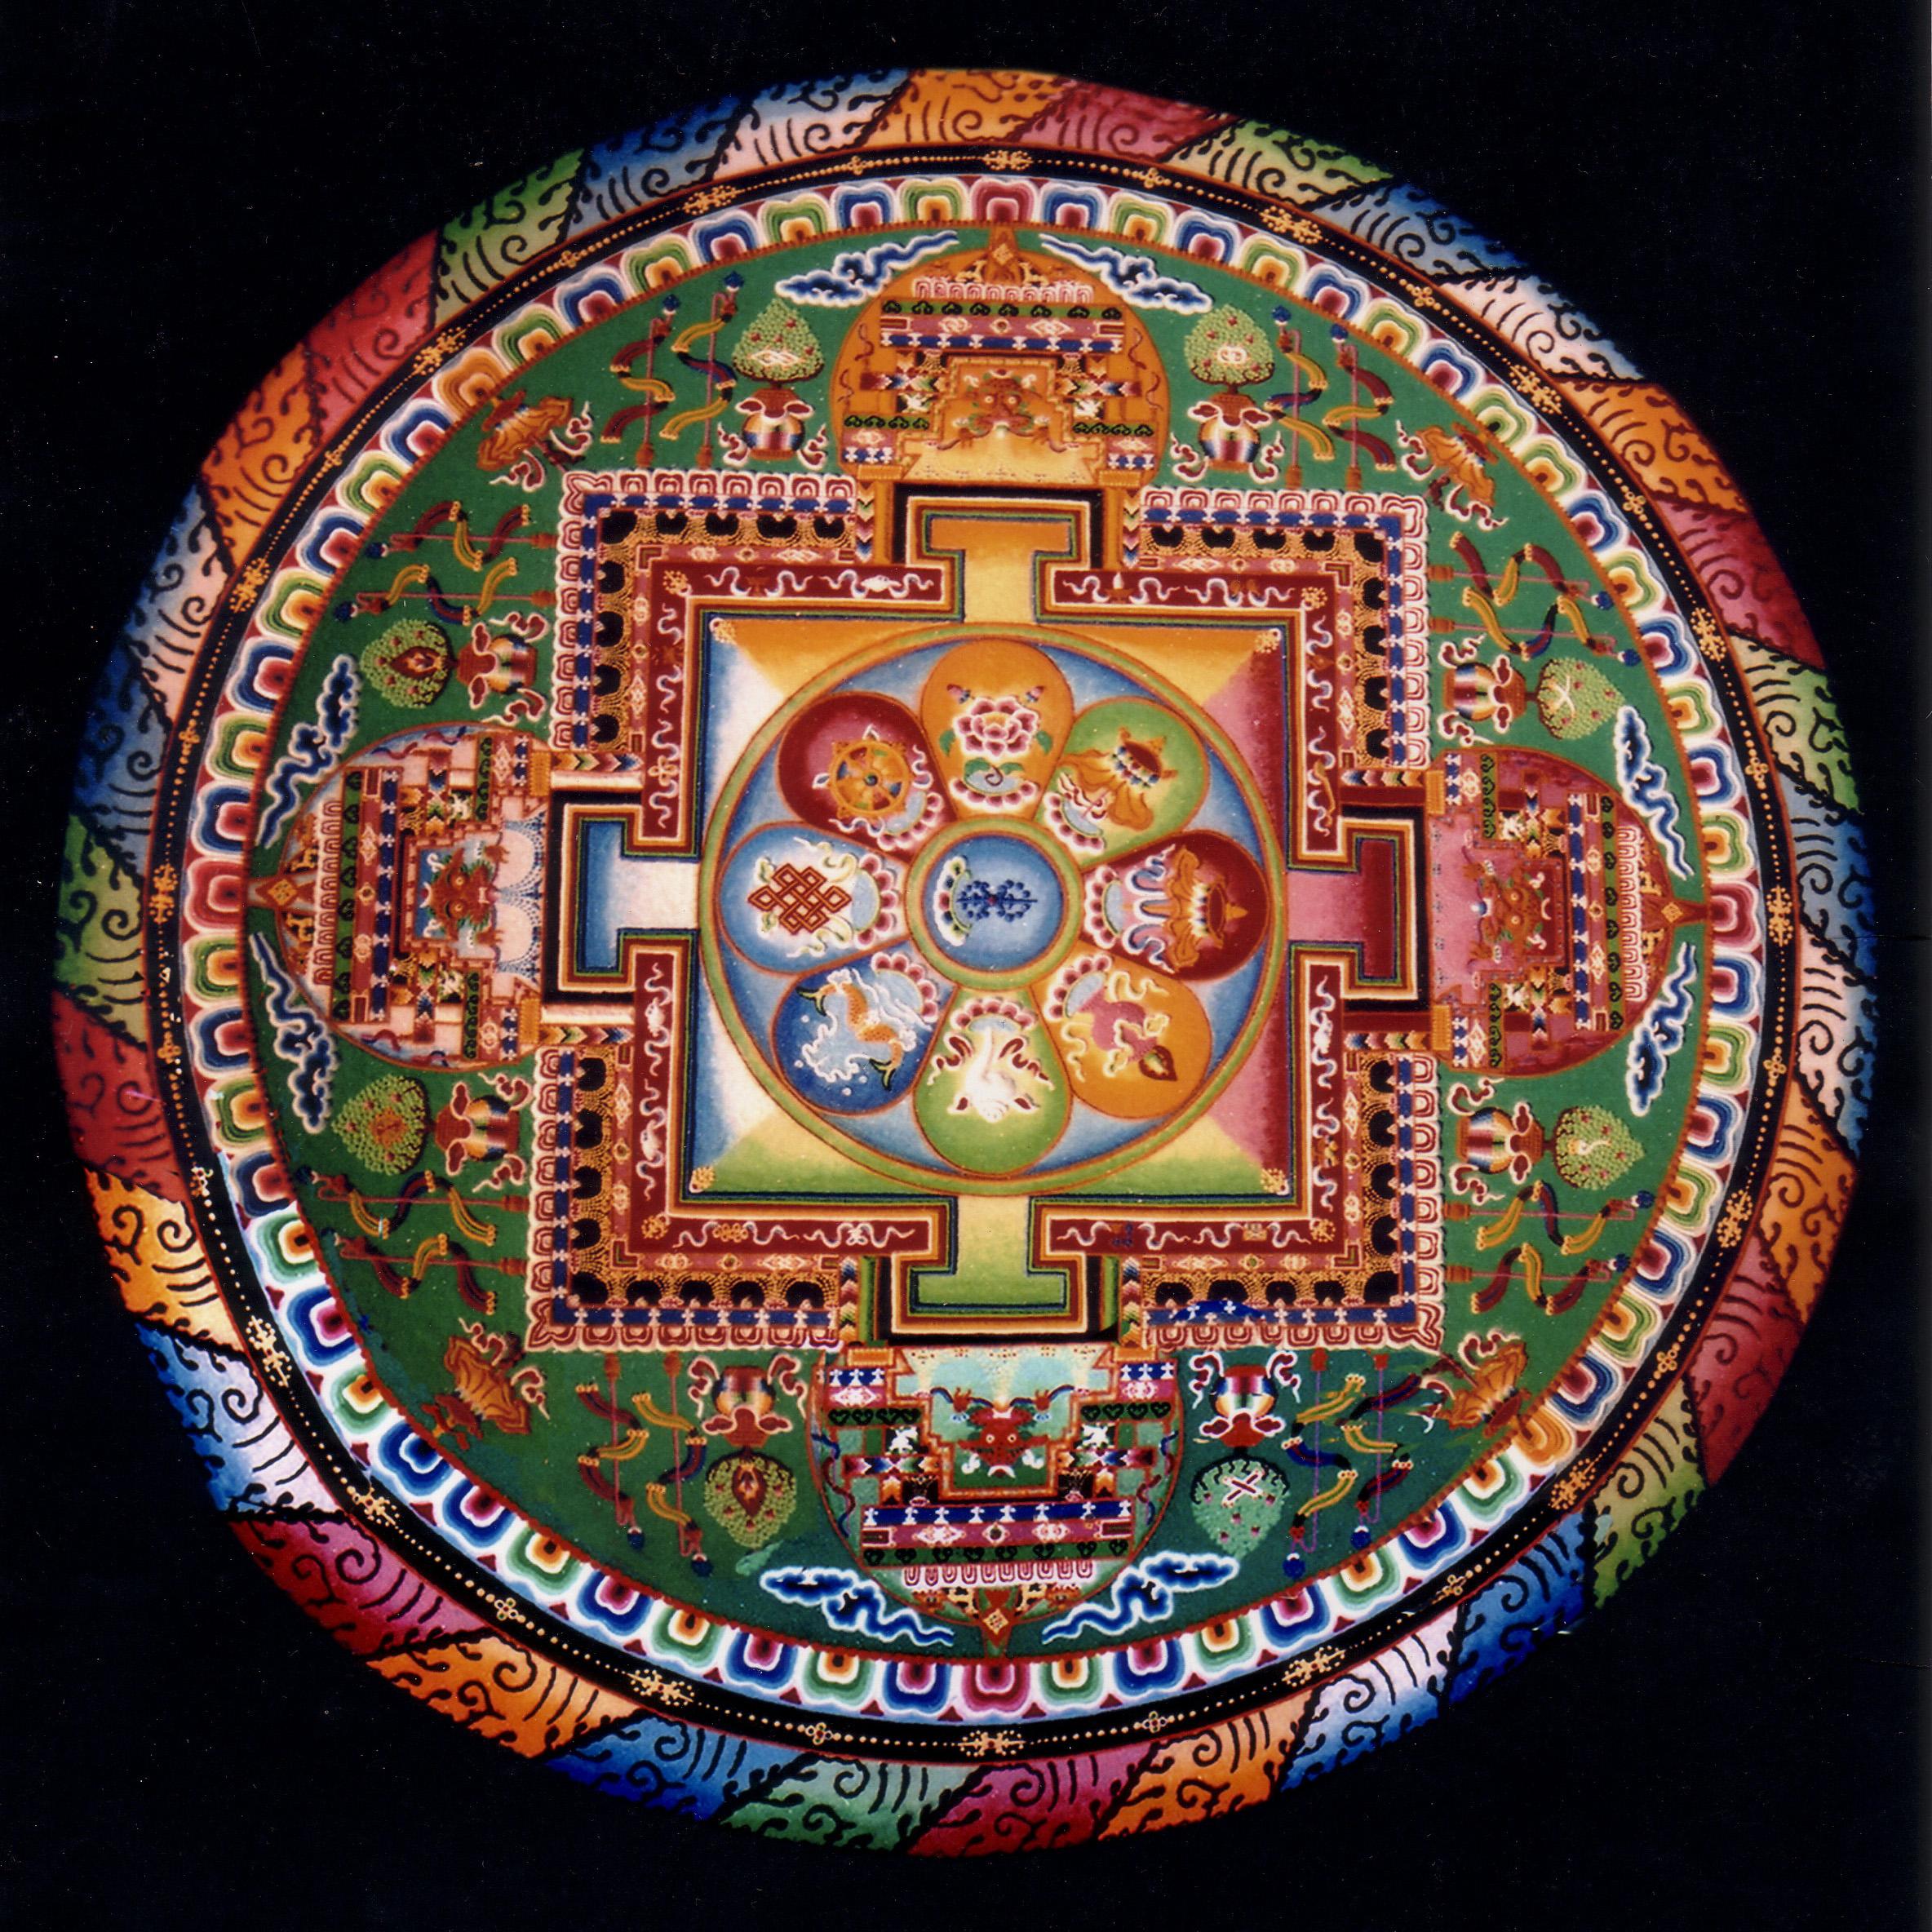 Mandala wallpaper 2368x2368